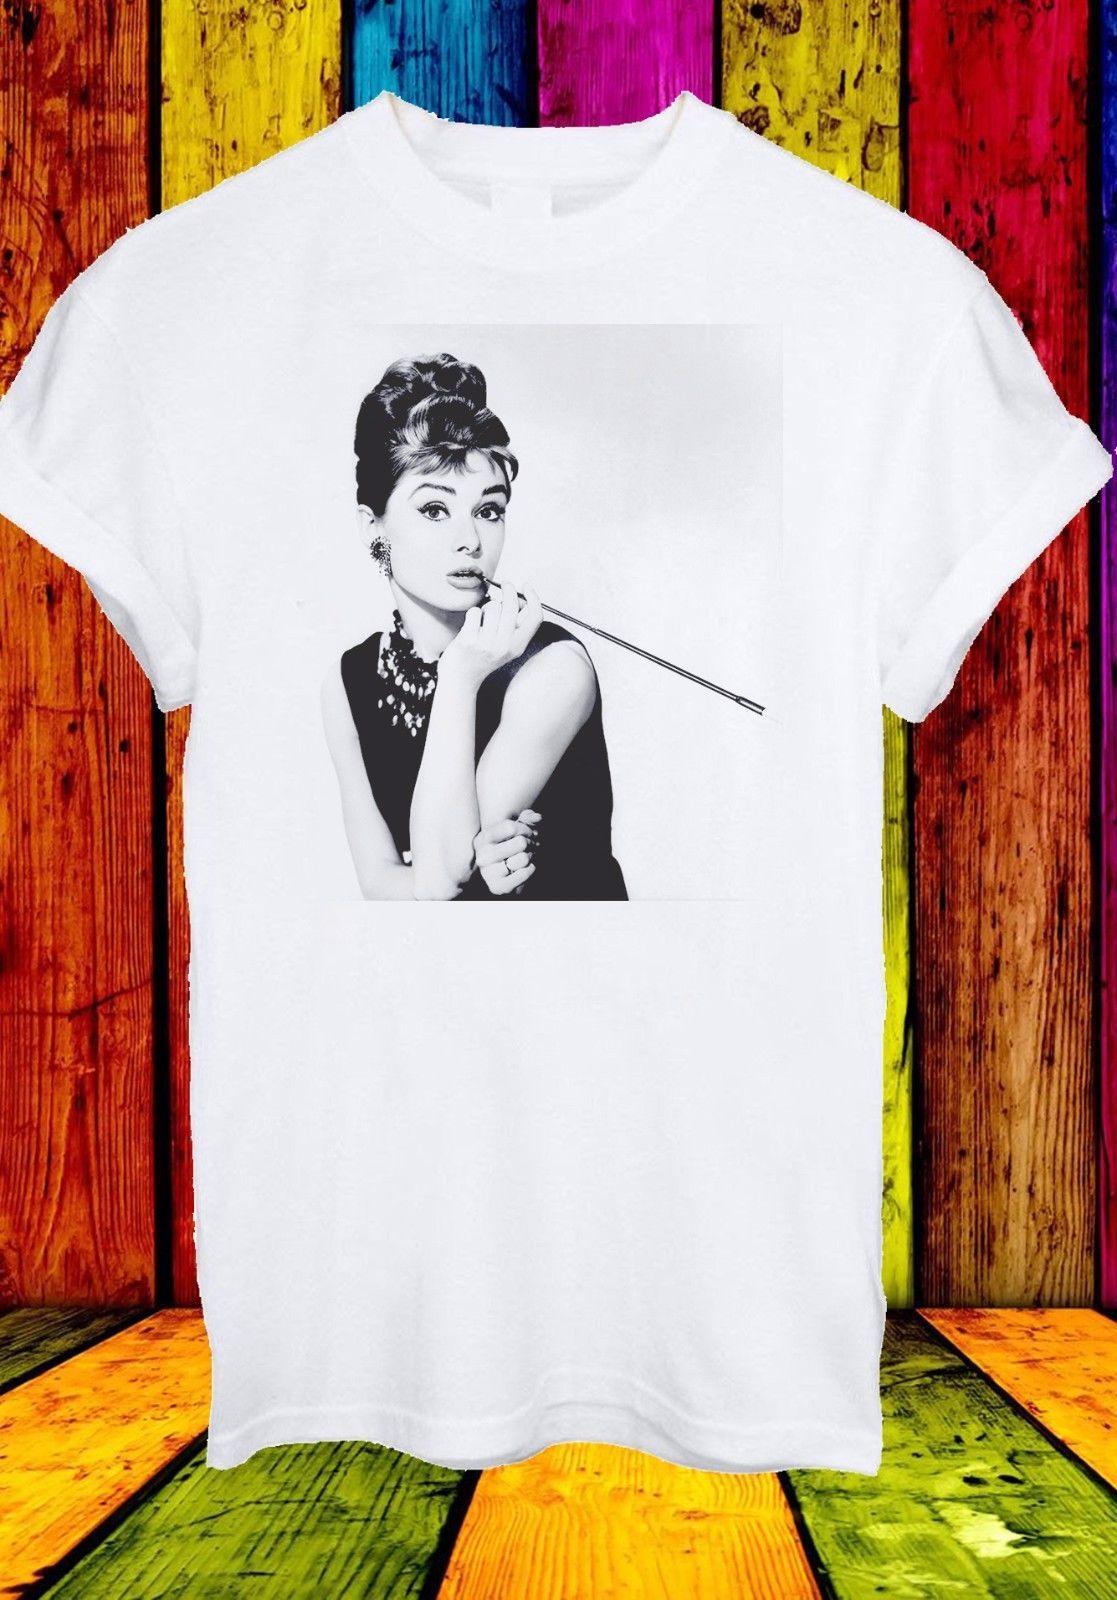 Yabancı Şeyler Tasarım 2019 Yeni Soğuk Kısa Kollu Erkek T Shirt Audrey Hepburn Kadın Oyuncu Kahvaltı At Aktör Kentsel Kpop Tee Gömlek